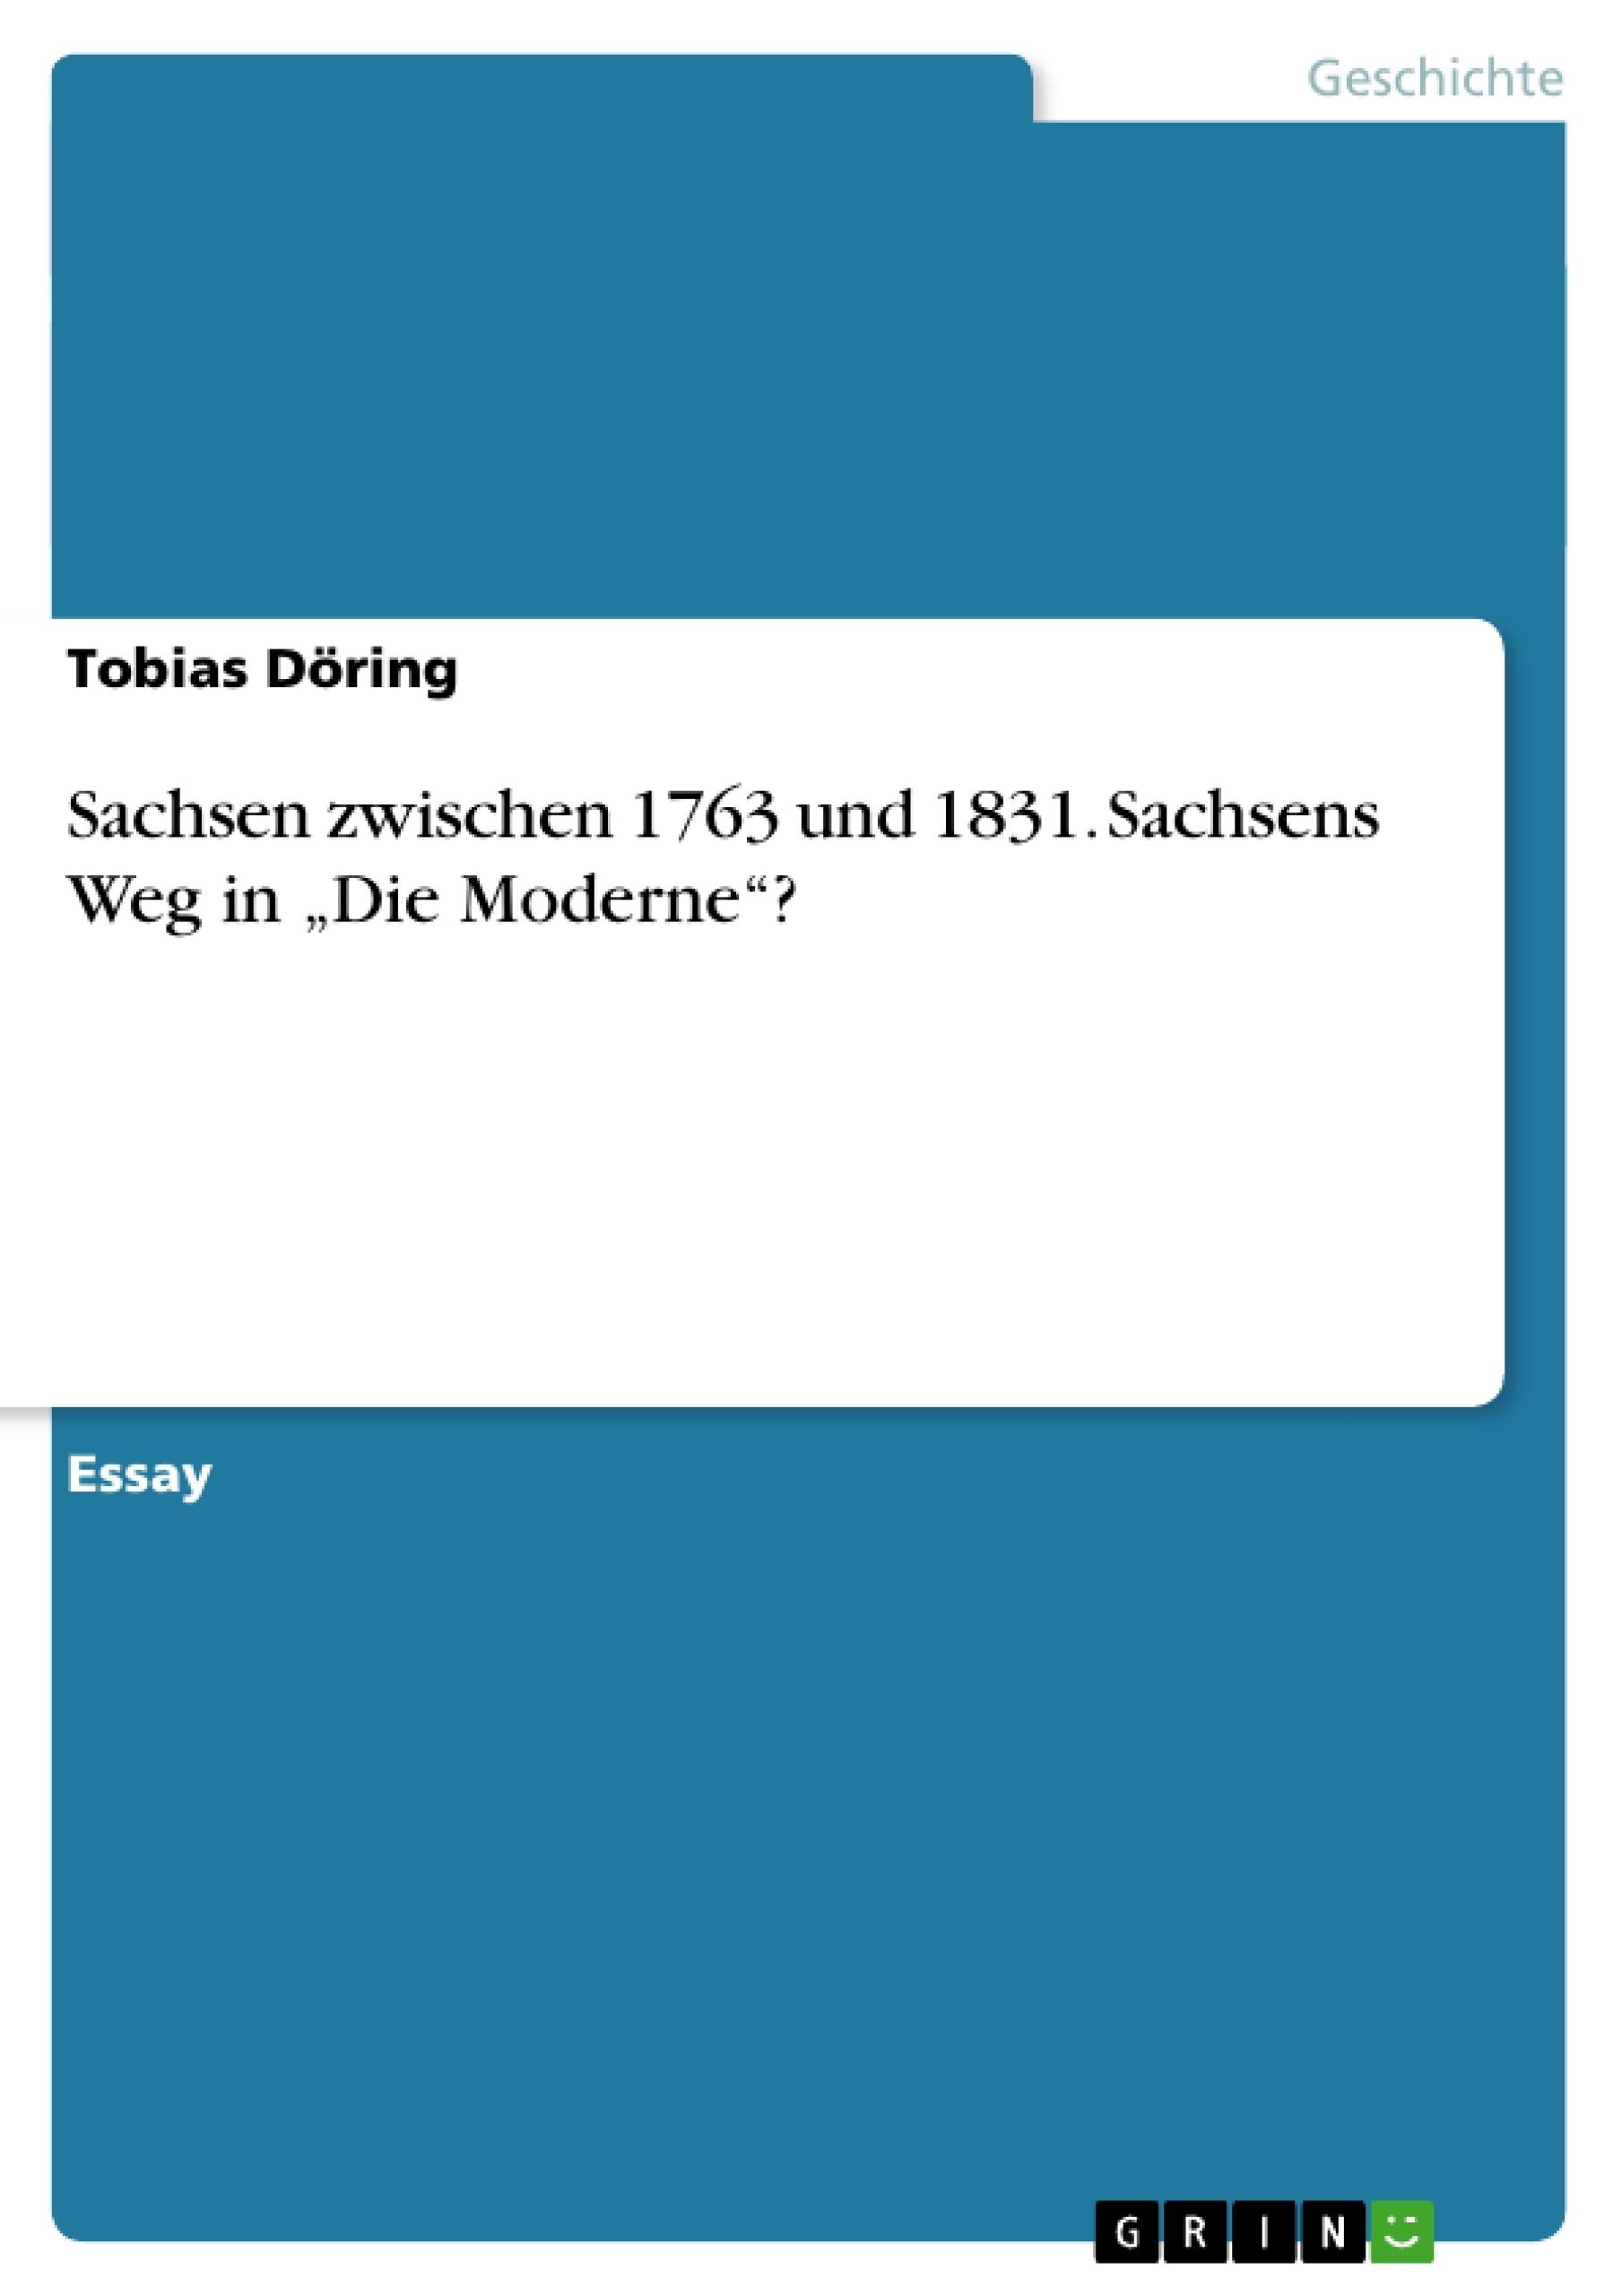 """Titel: Sachsen zwischen 1763 und 1831. Sachsens Weg in """"Die Moderne""""?"""